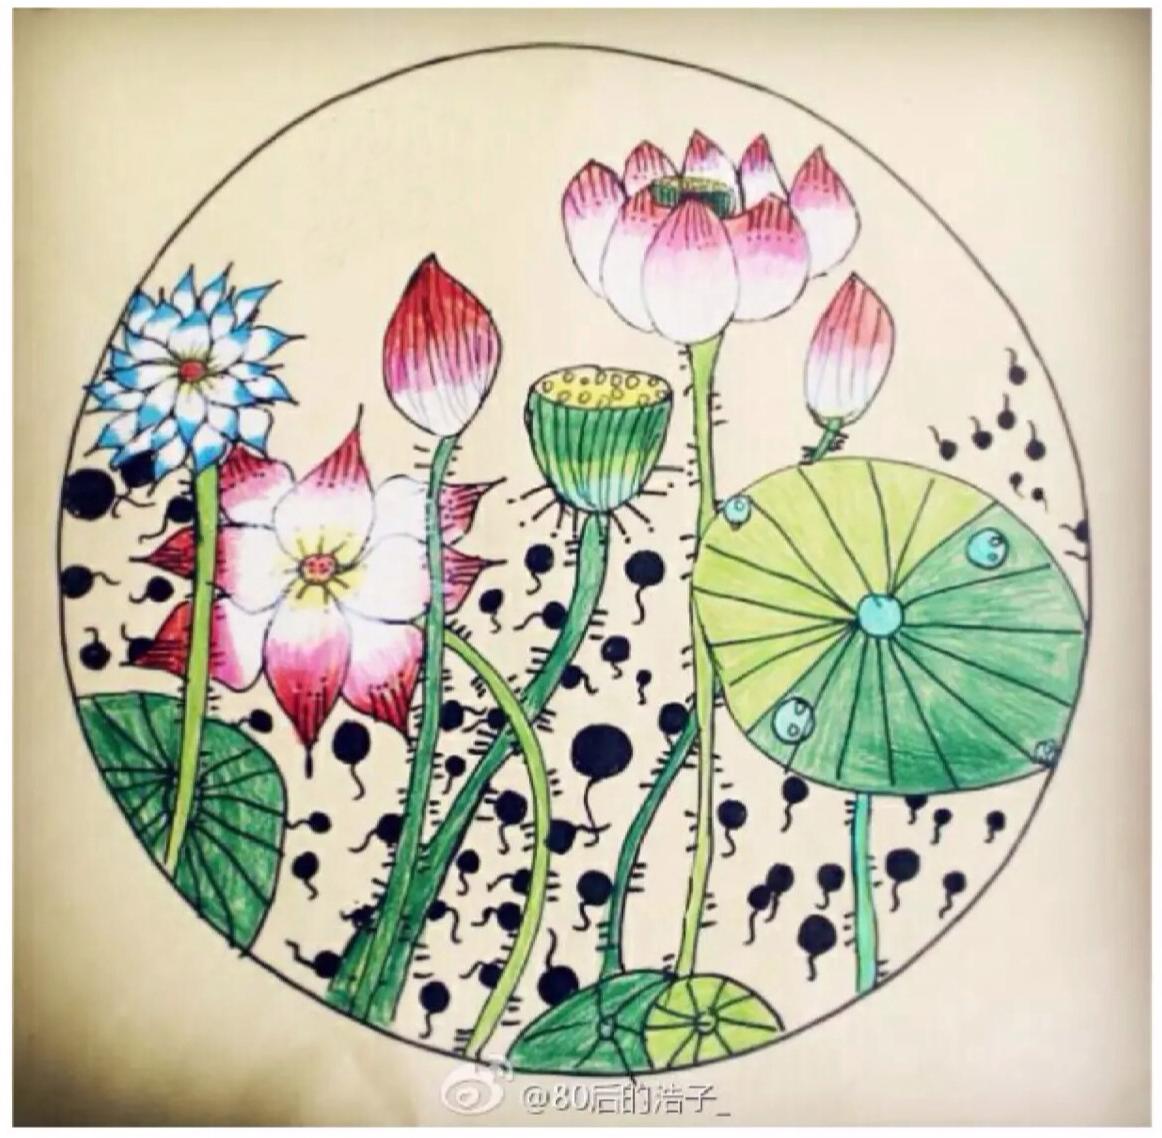 水彩荷塘月色儿童画 中式国画工笔风荷花荷叶景色儿童